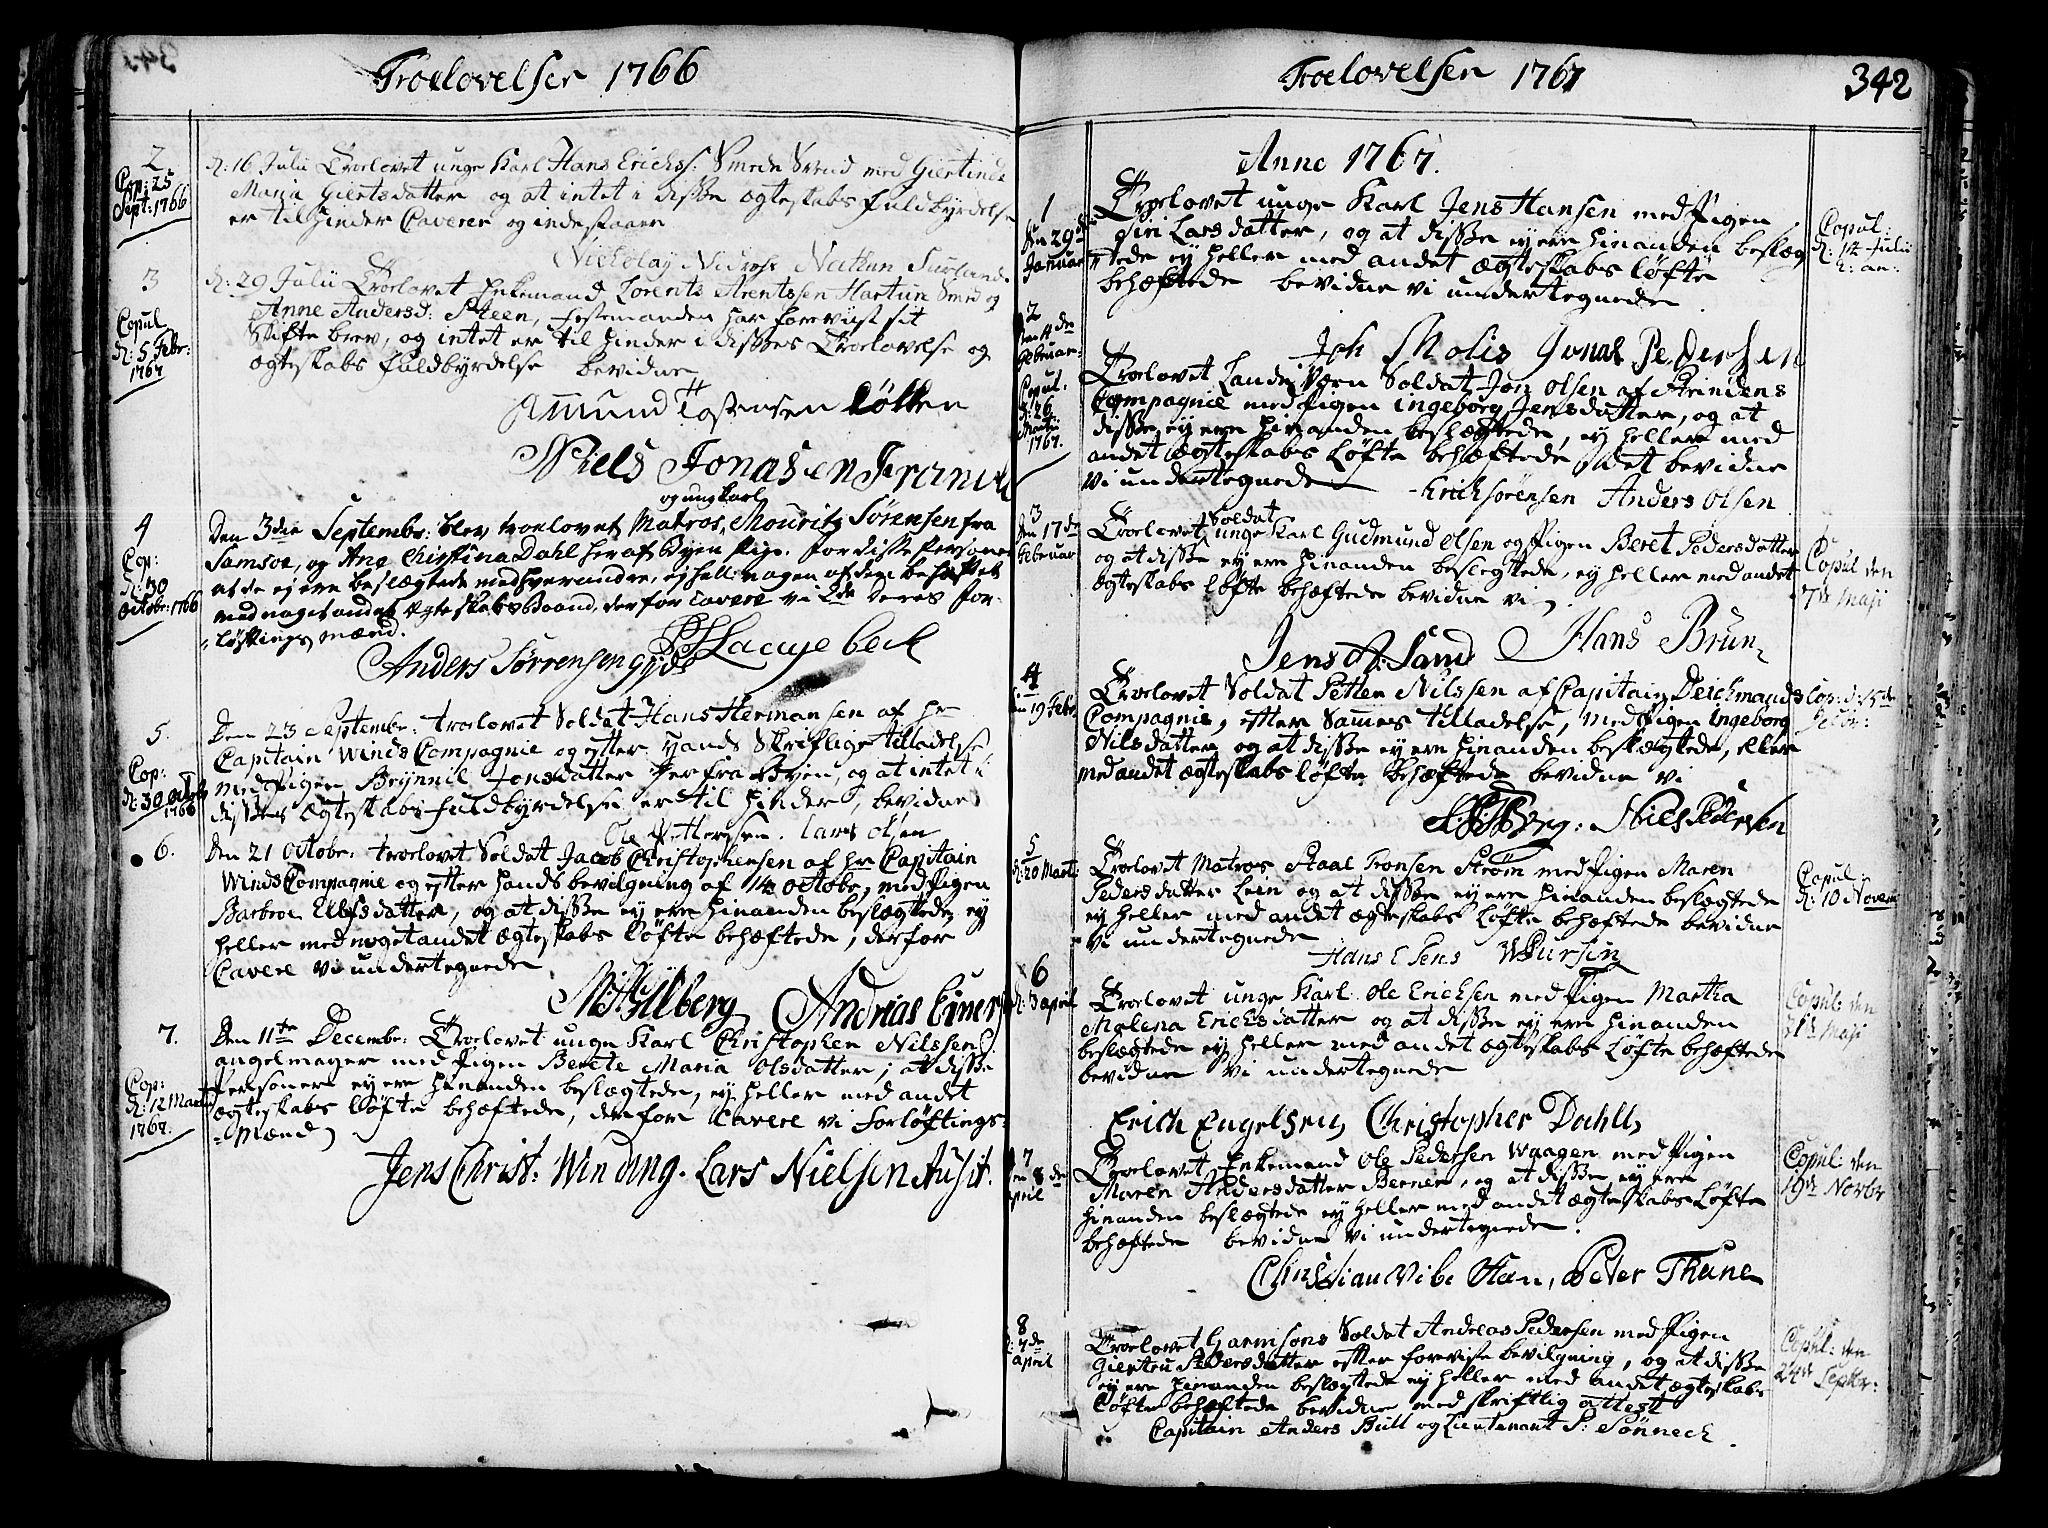 SAT, Ministerialprotokoller, klokkerbøker og fødselsregistre - Sør-Trøndelag, 602/L0103: Ministerialbok nr. 602A01, 1732-1774, s. 342